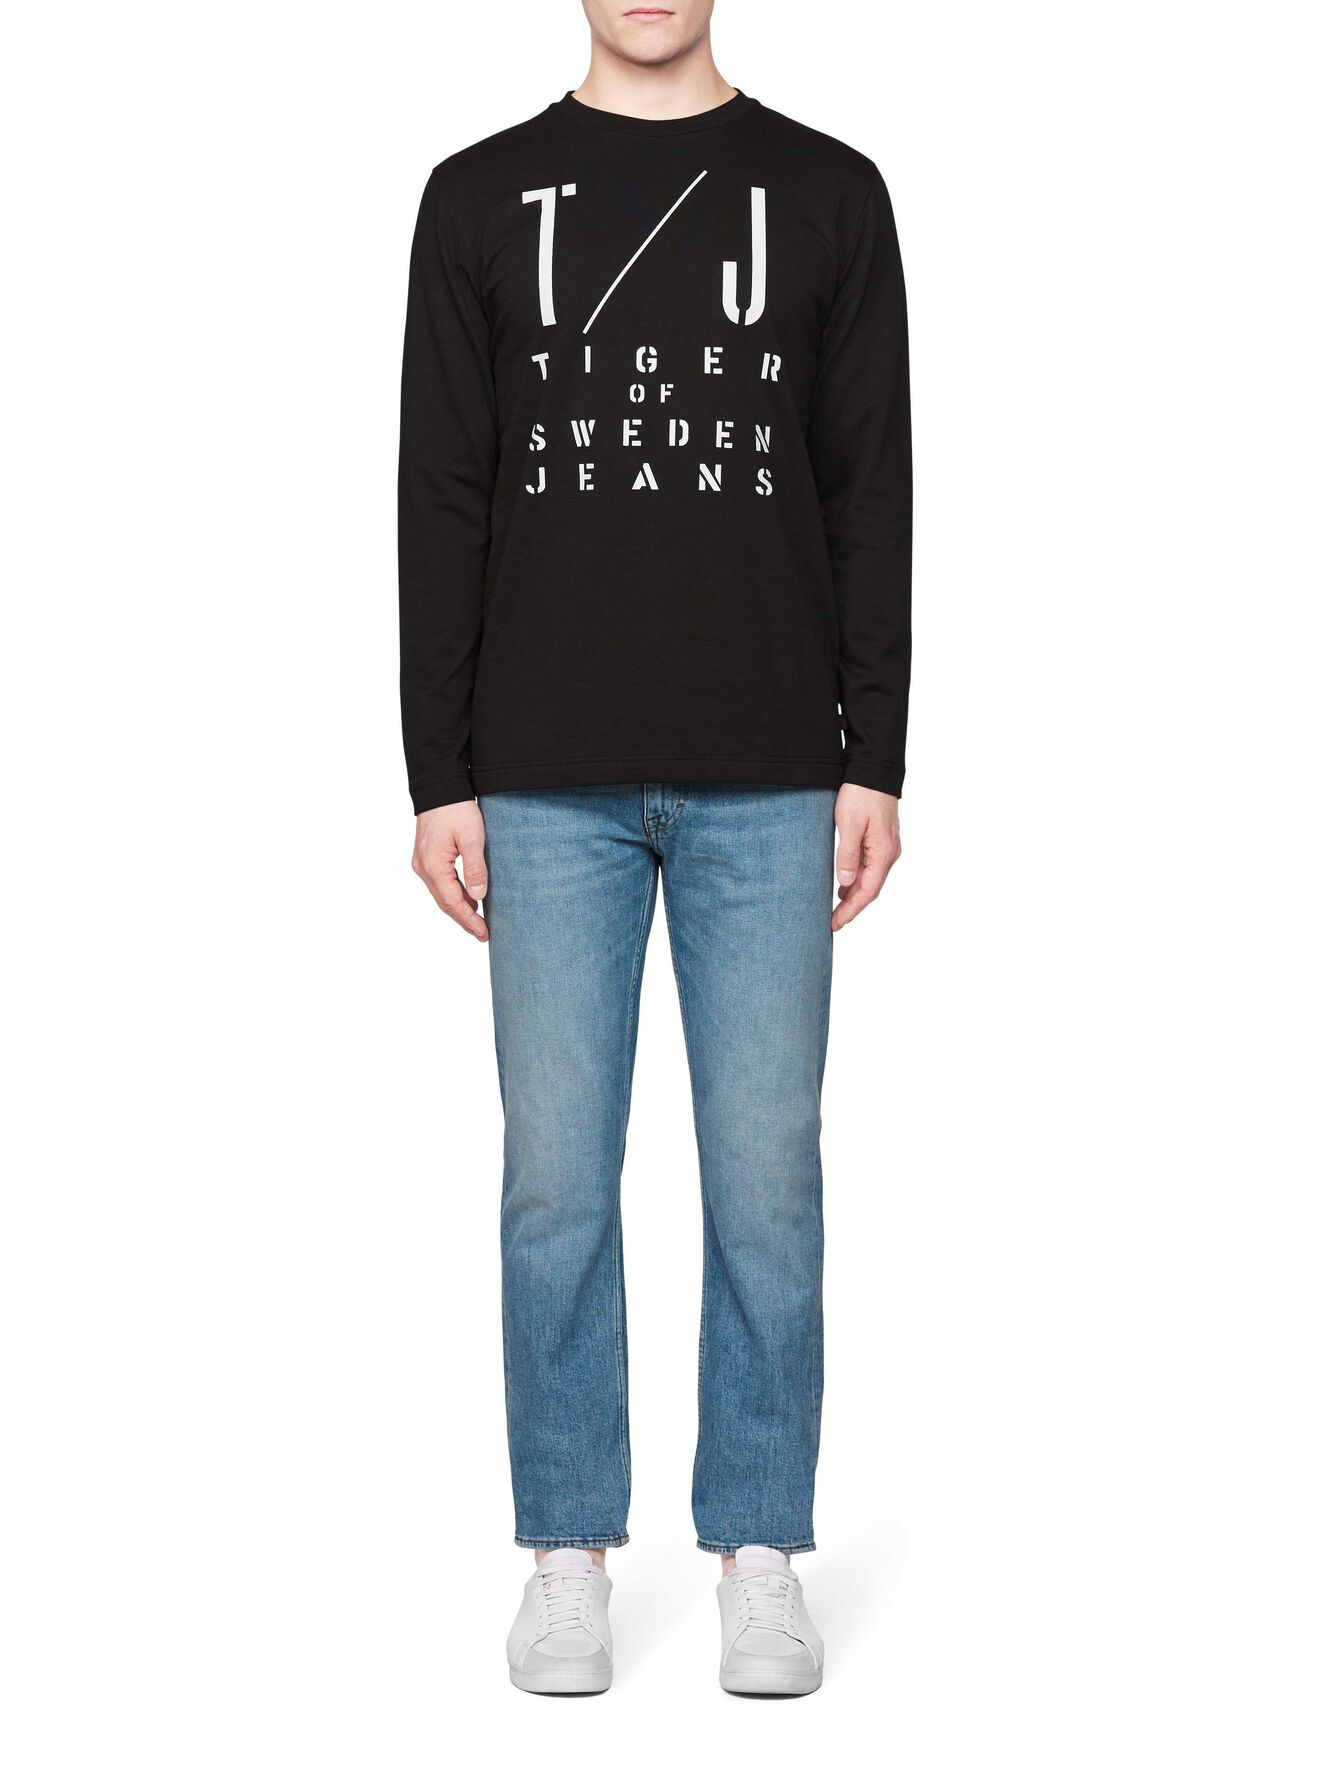 Zac Pr Sweatshirt in Black from Tiger of Sweden